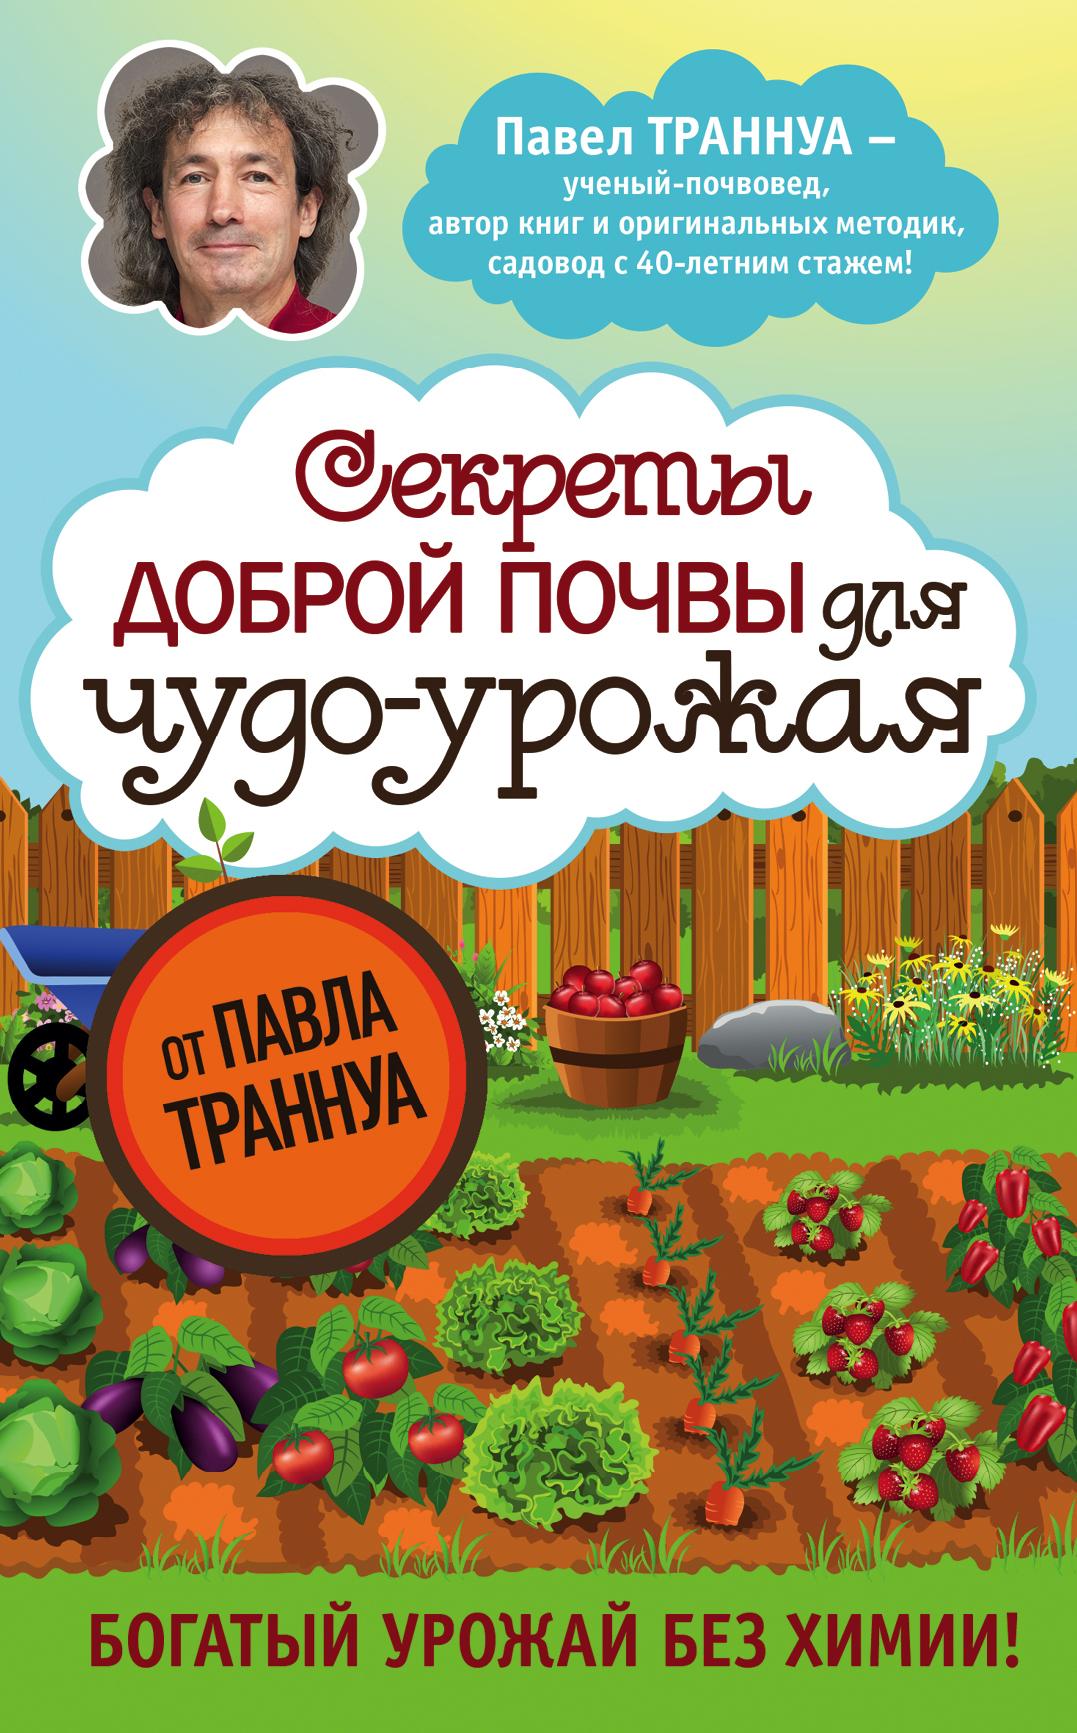 Траннуа Павел Франкович Секреты доброй почвы для чудо-урожая траннуа павел франкович секреты доброй почвы для чудо урожая